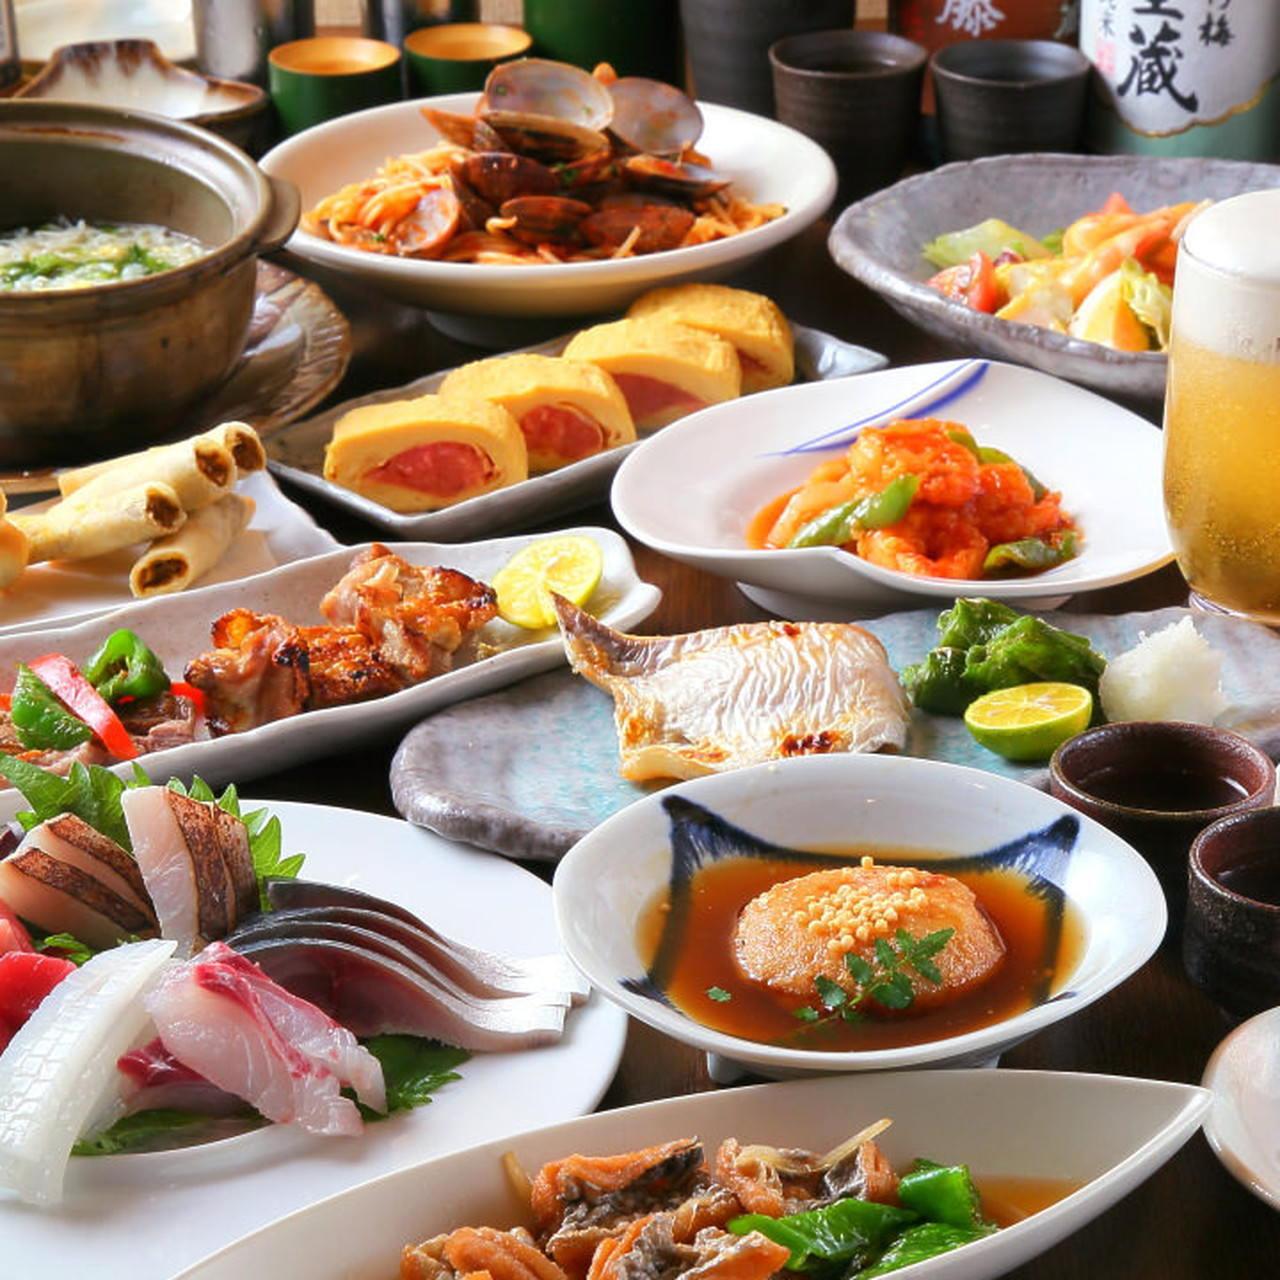 多様化する現代に合わせた食の楽しみ